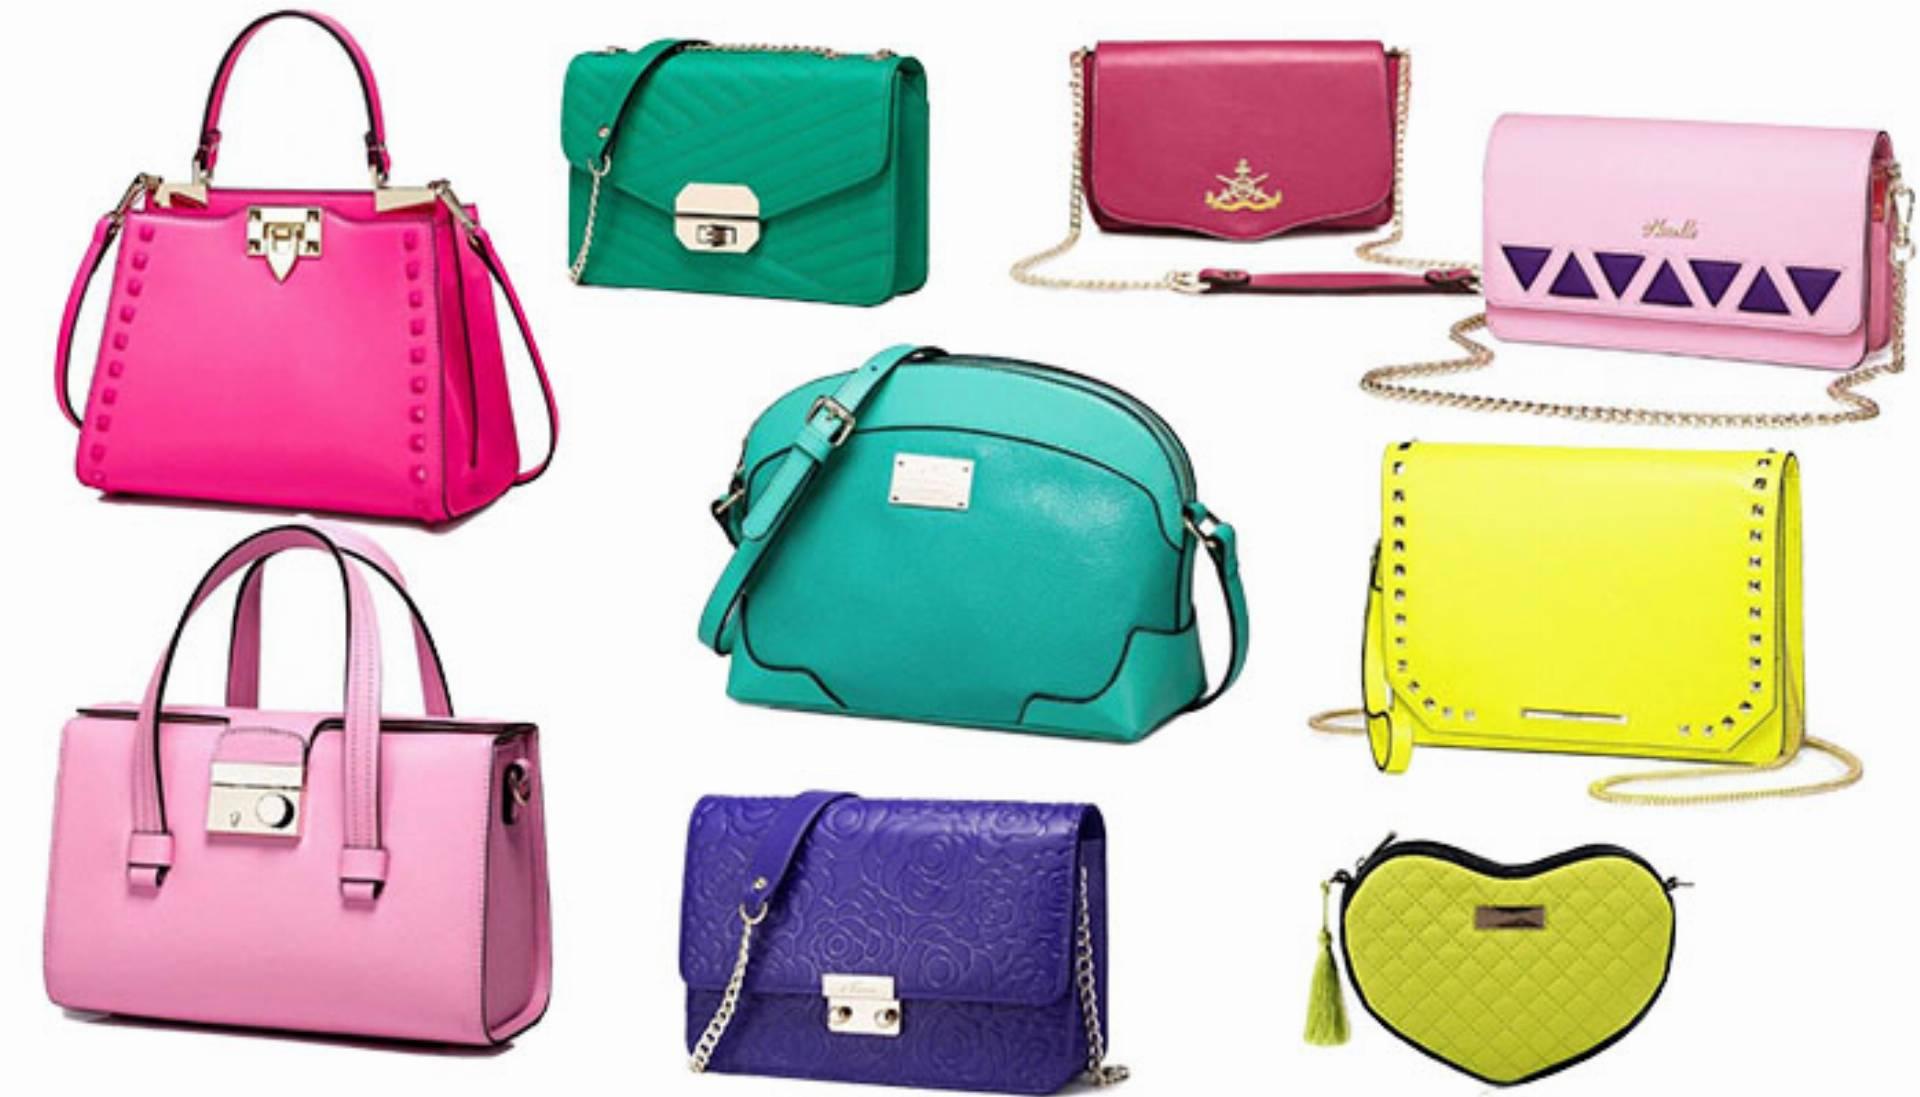 2da261b3414e8 Kolorowa kolekcja torebek ETORBA wiosna-lato 2015